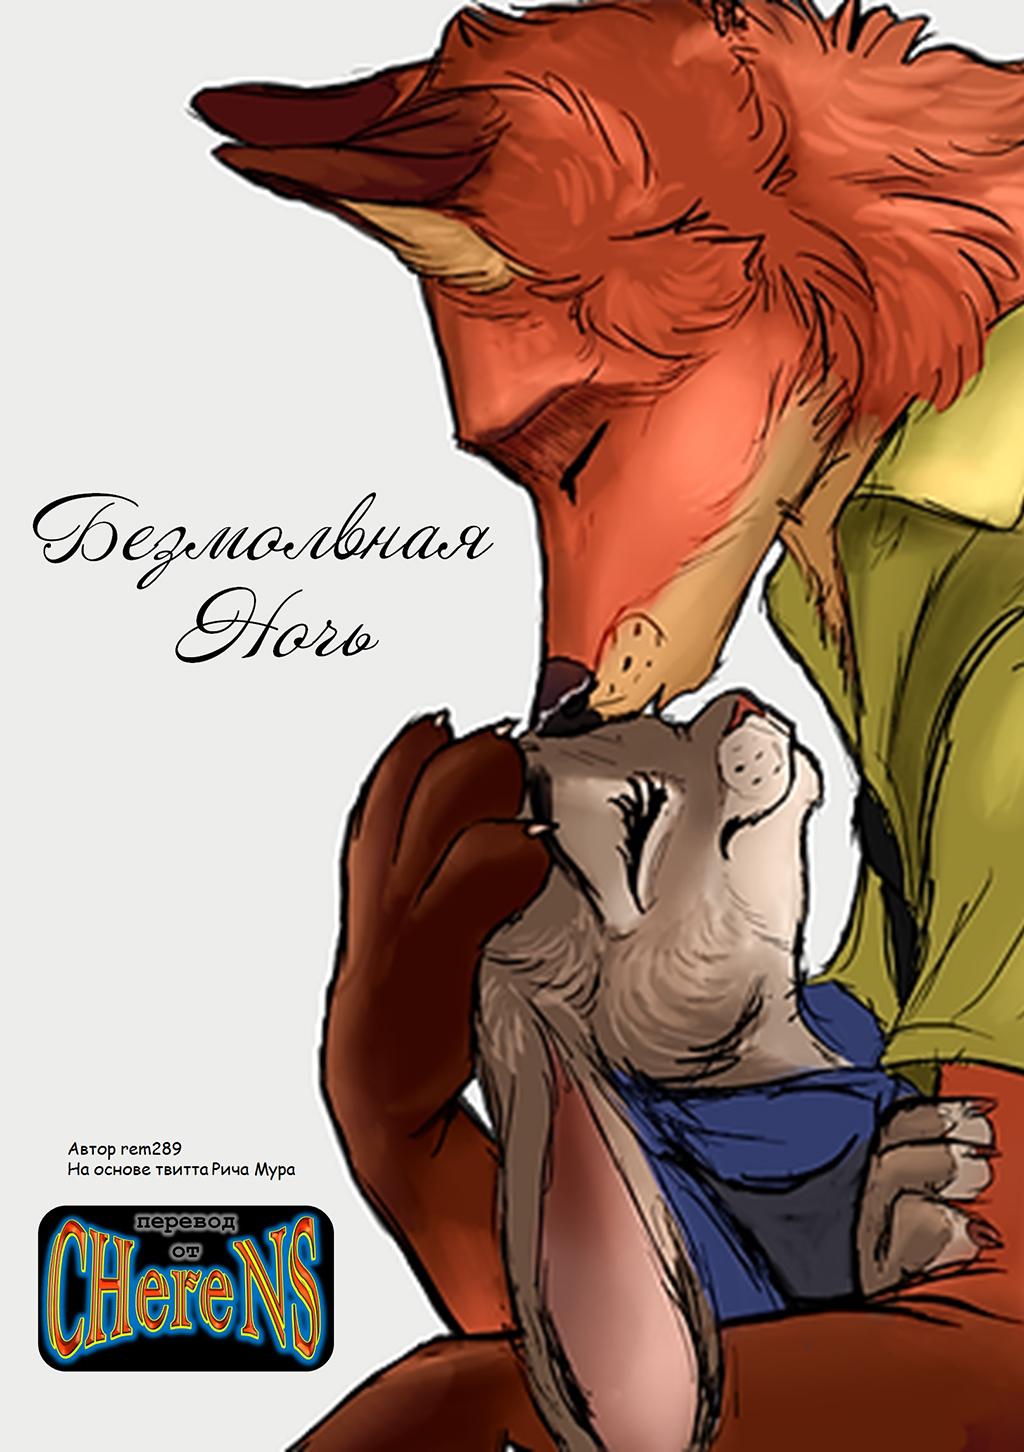 Комикс Безмолвная Ночь